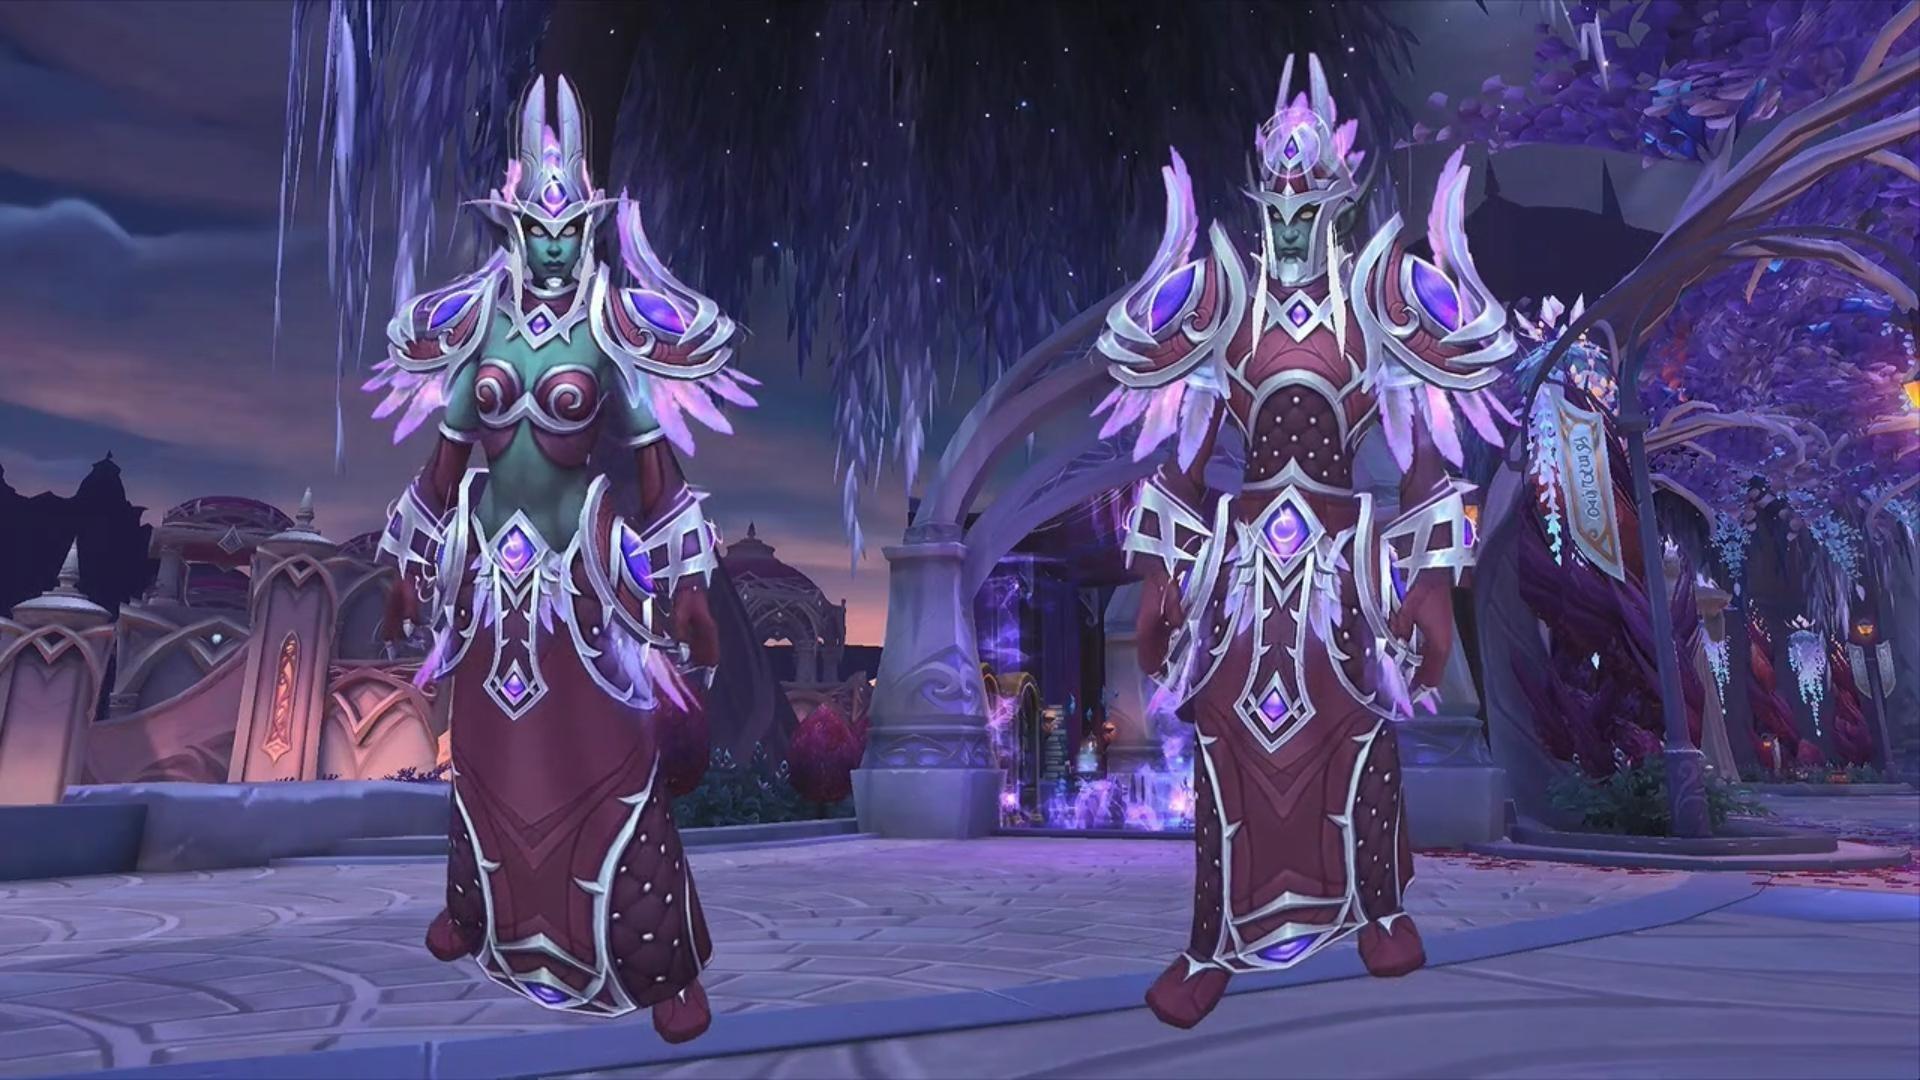 Warcraft troll girls - 4 6